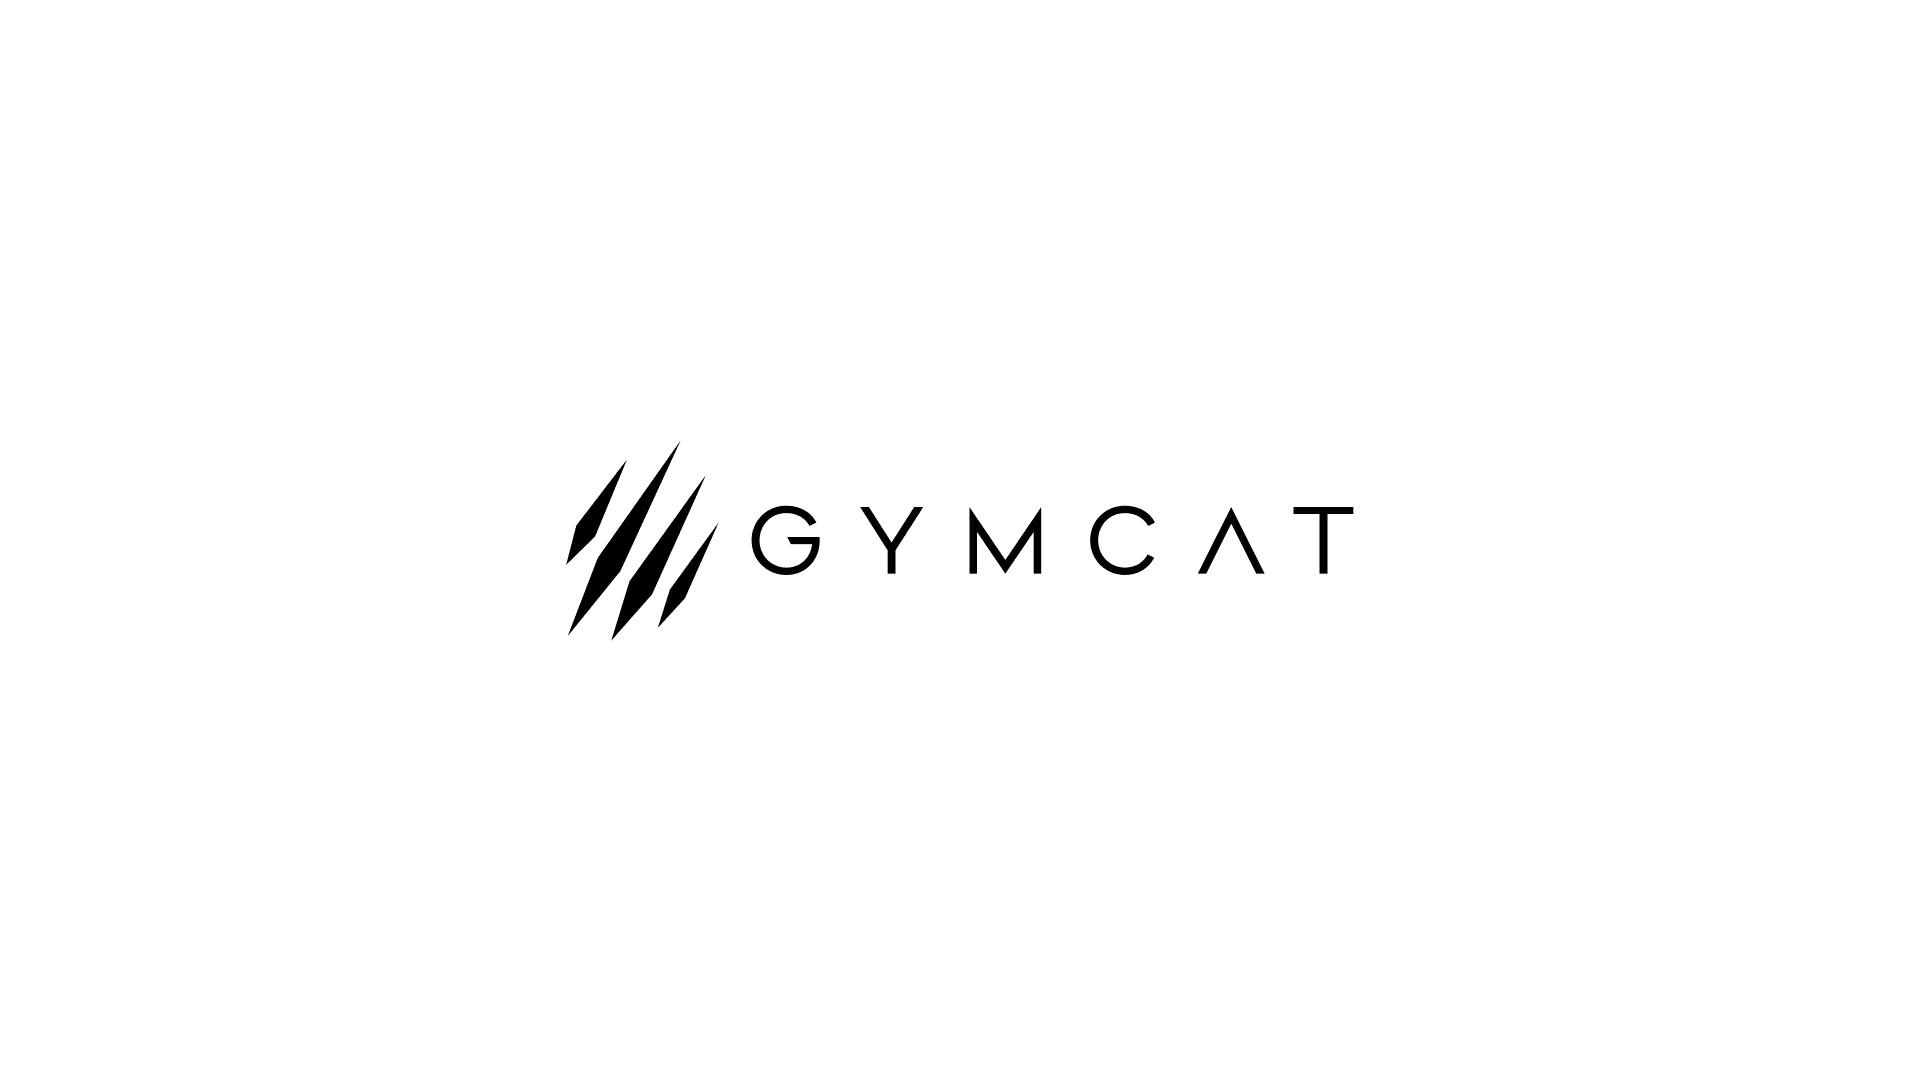 Gymcat